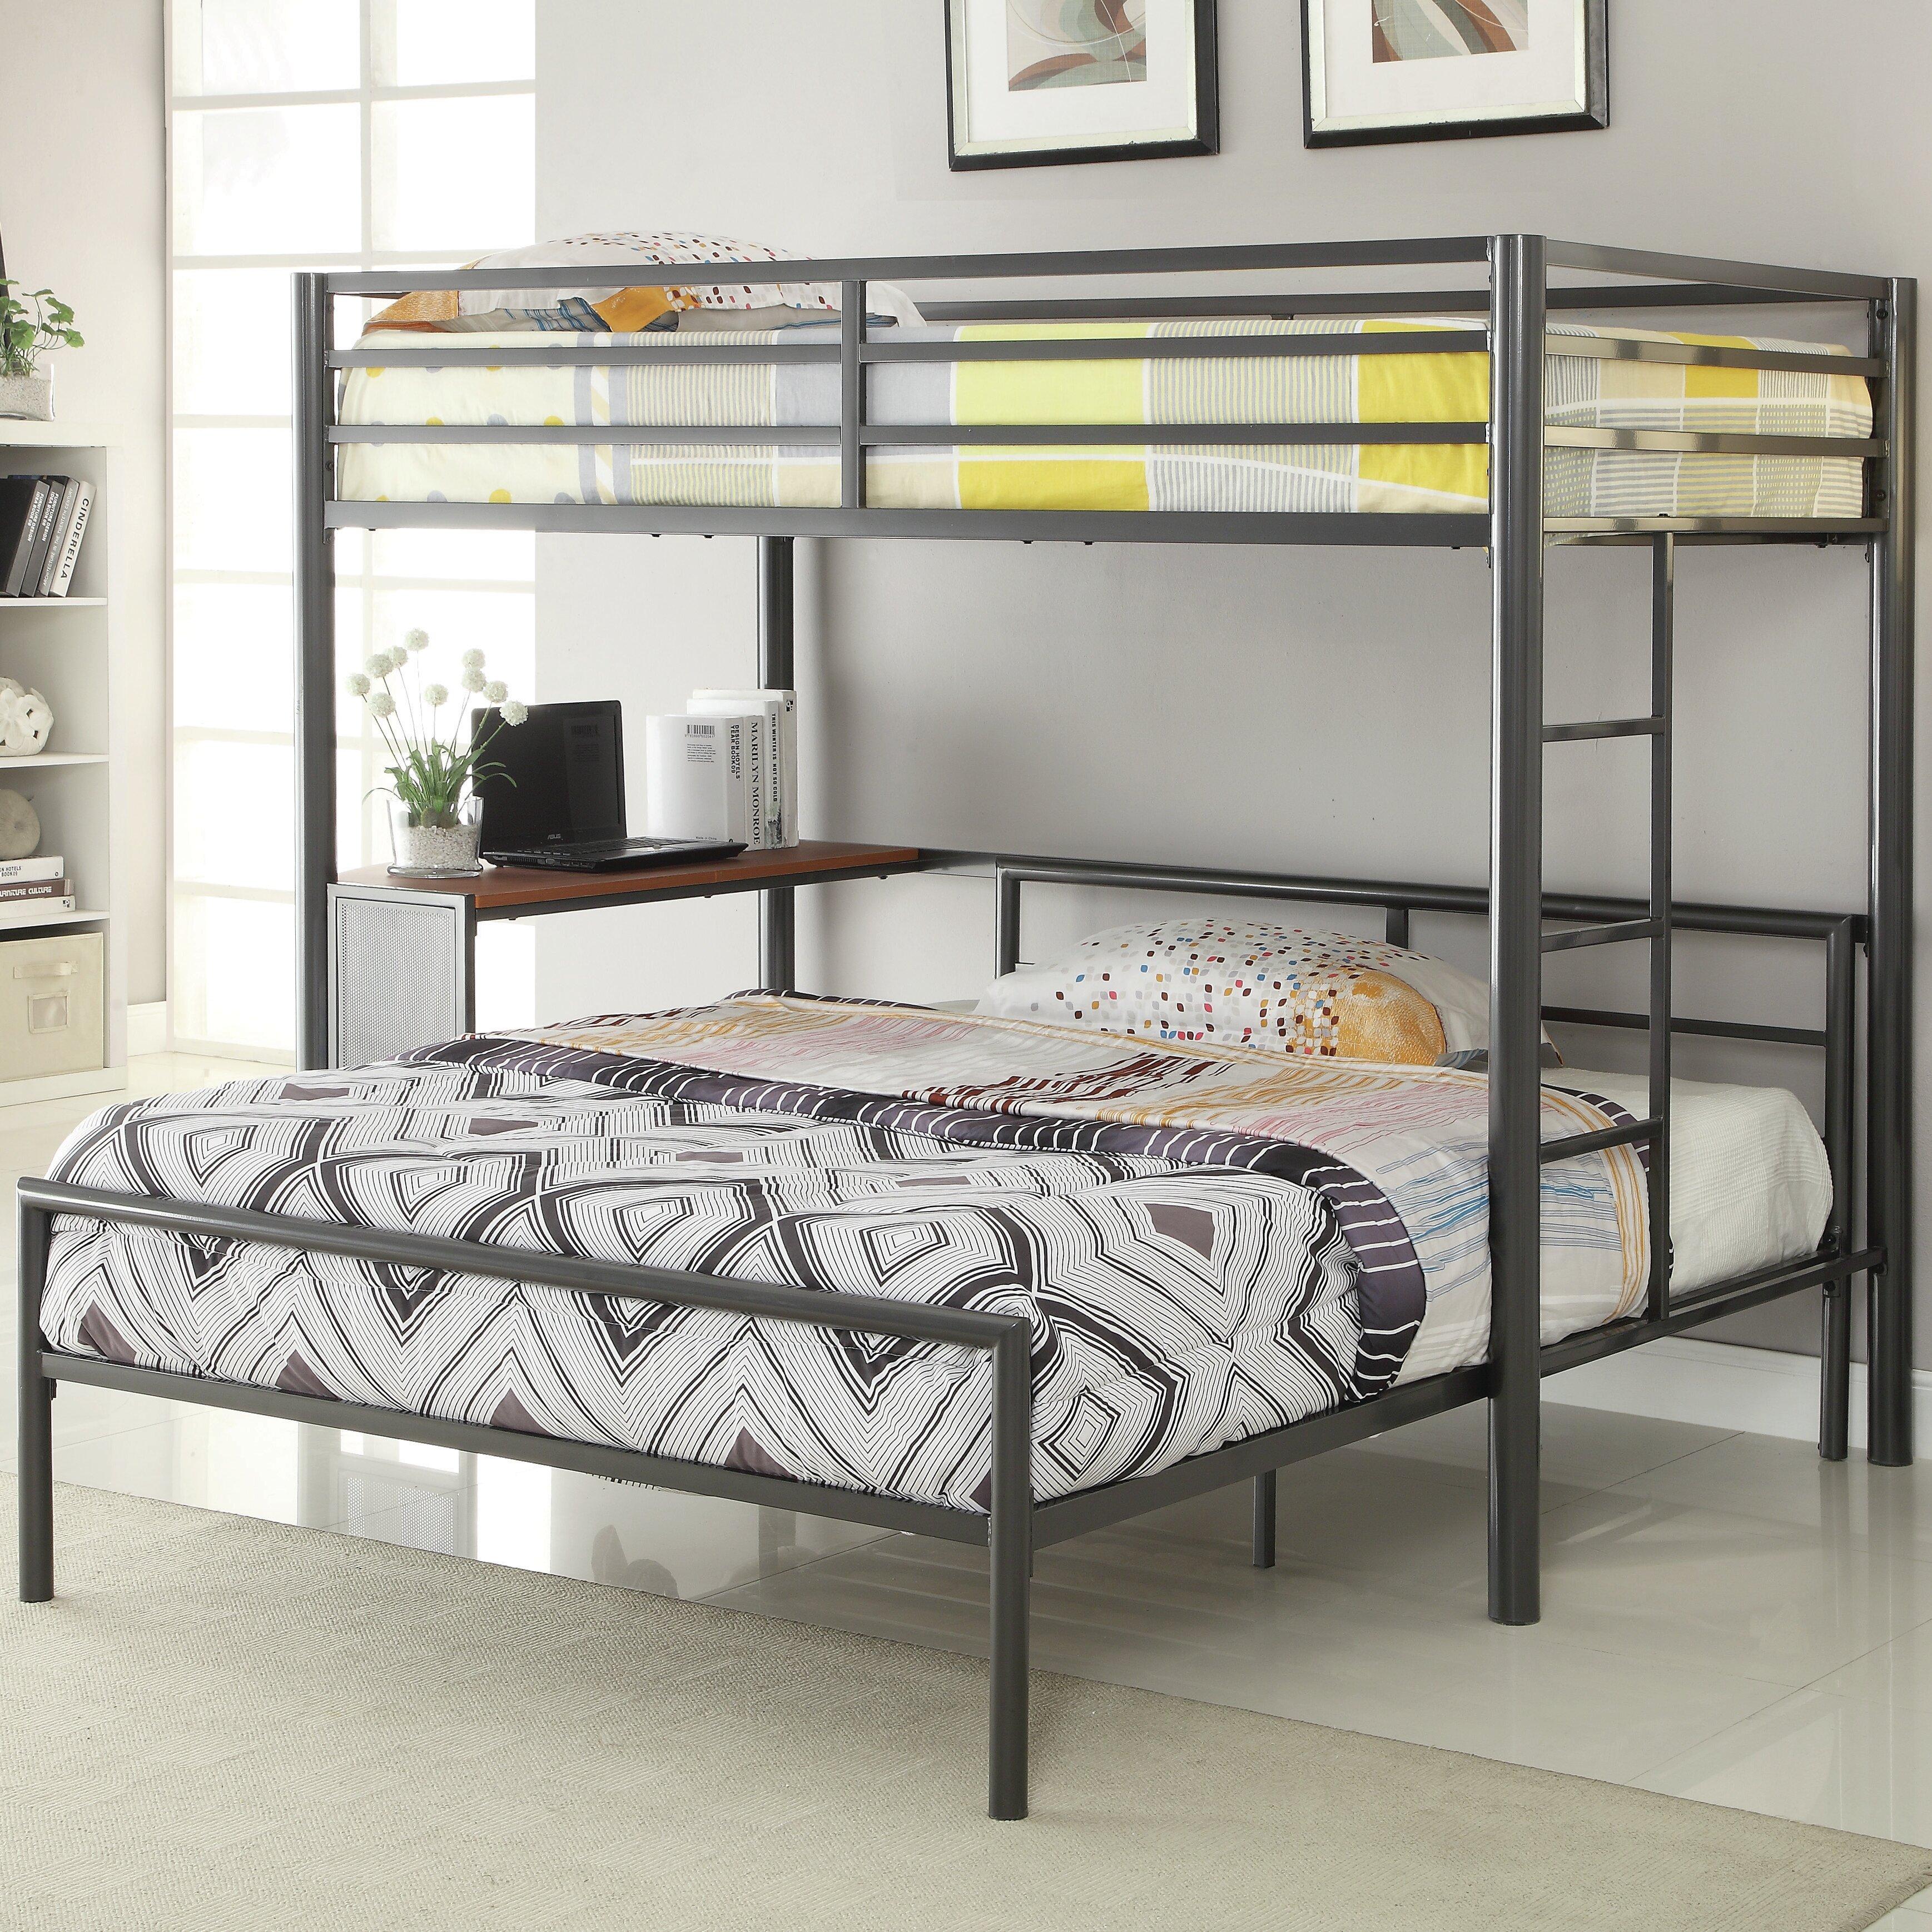 Harriet Bee Nedra Twin Over Full L Shaped Bunk Bed Reviews Wayfair